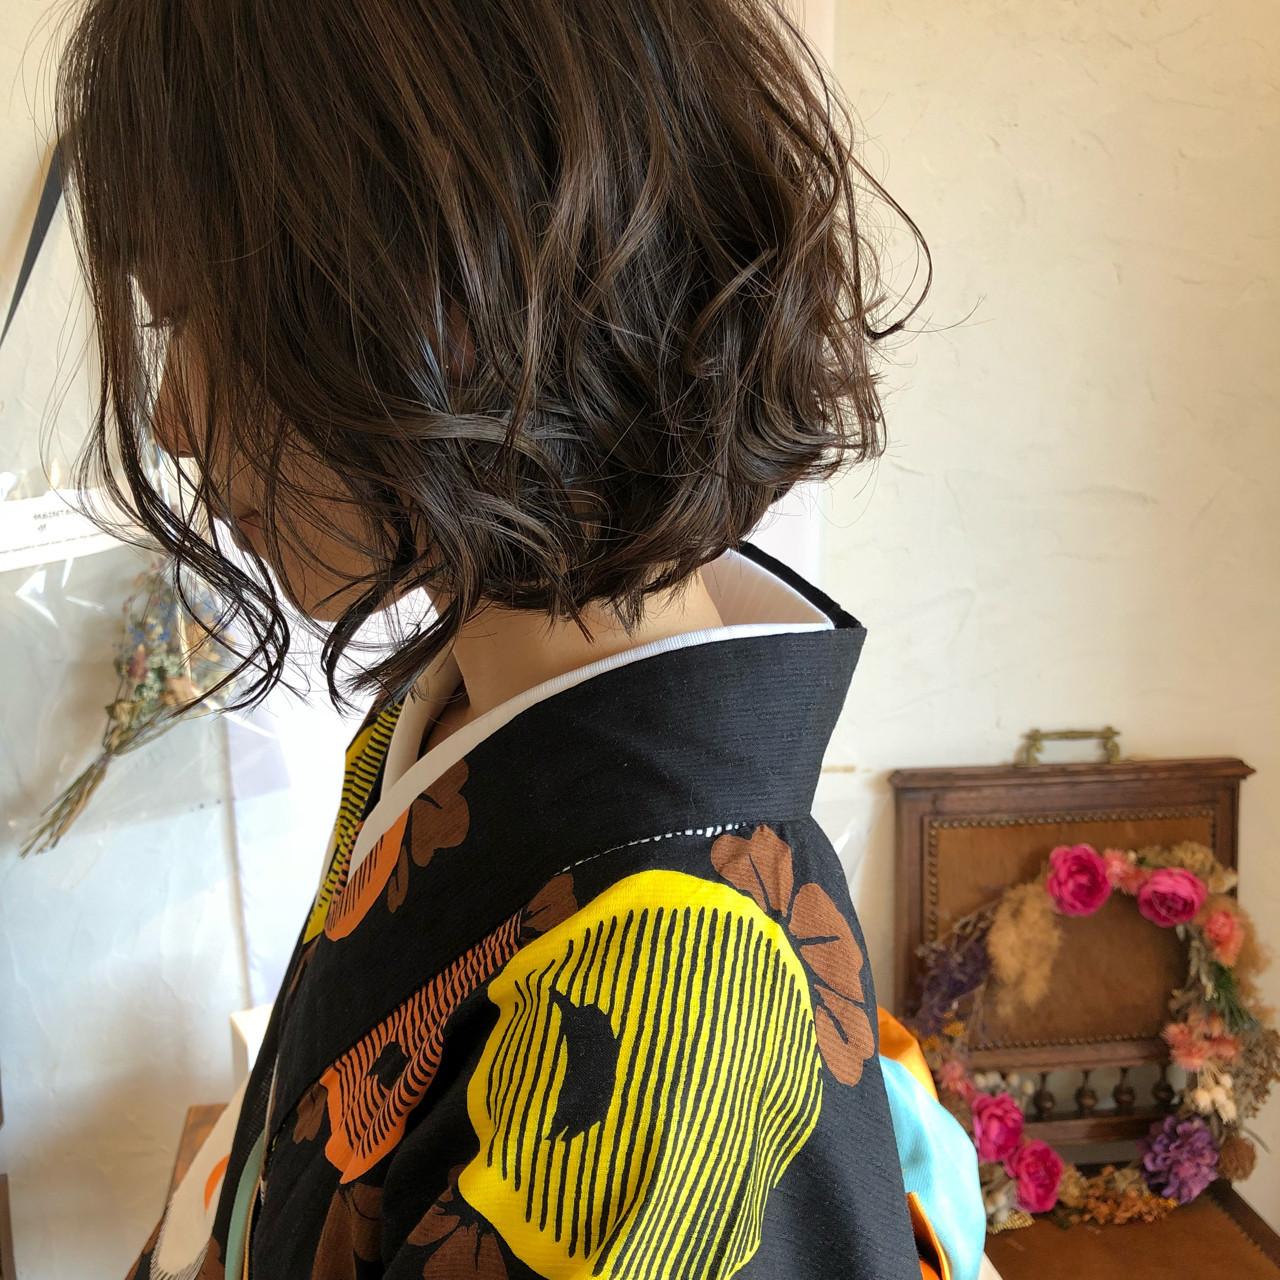 大人かわいい袴に似合うキュートなボブアレンジ 川内道子 instagram→michiko_kNoelle インスタ→michiko_k